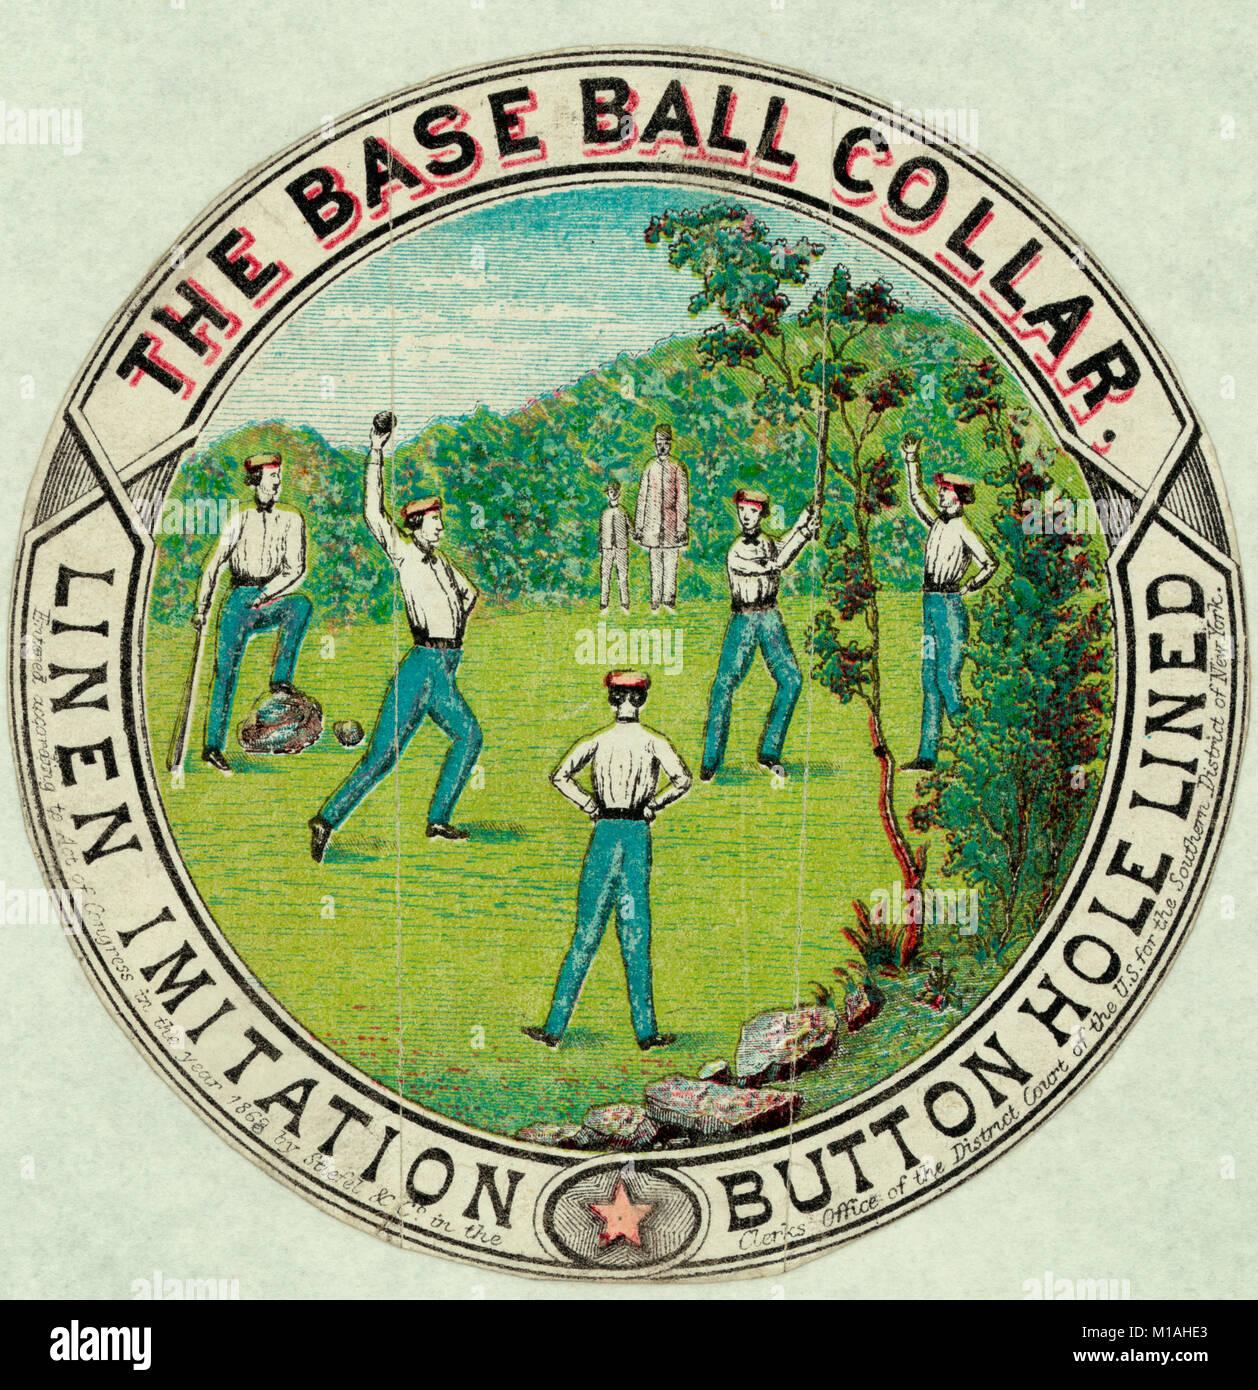 La base del collare a sfera - gli uomini indossano uniformi con collari durante la partita di baseball. Annuncio, Immagini Stock